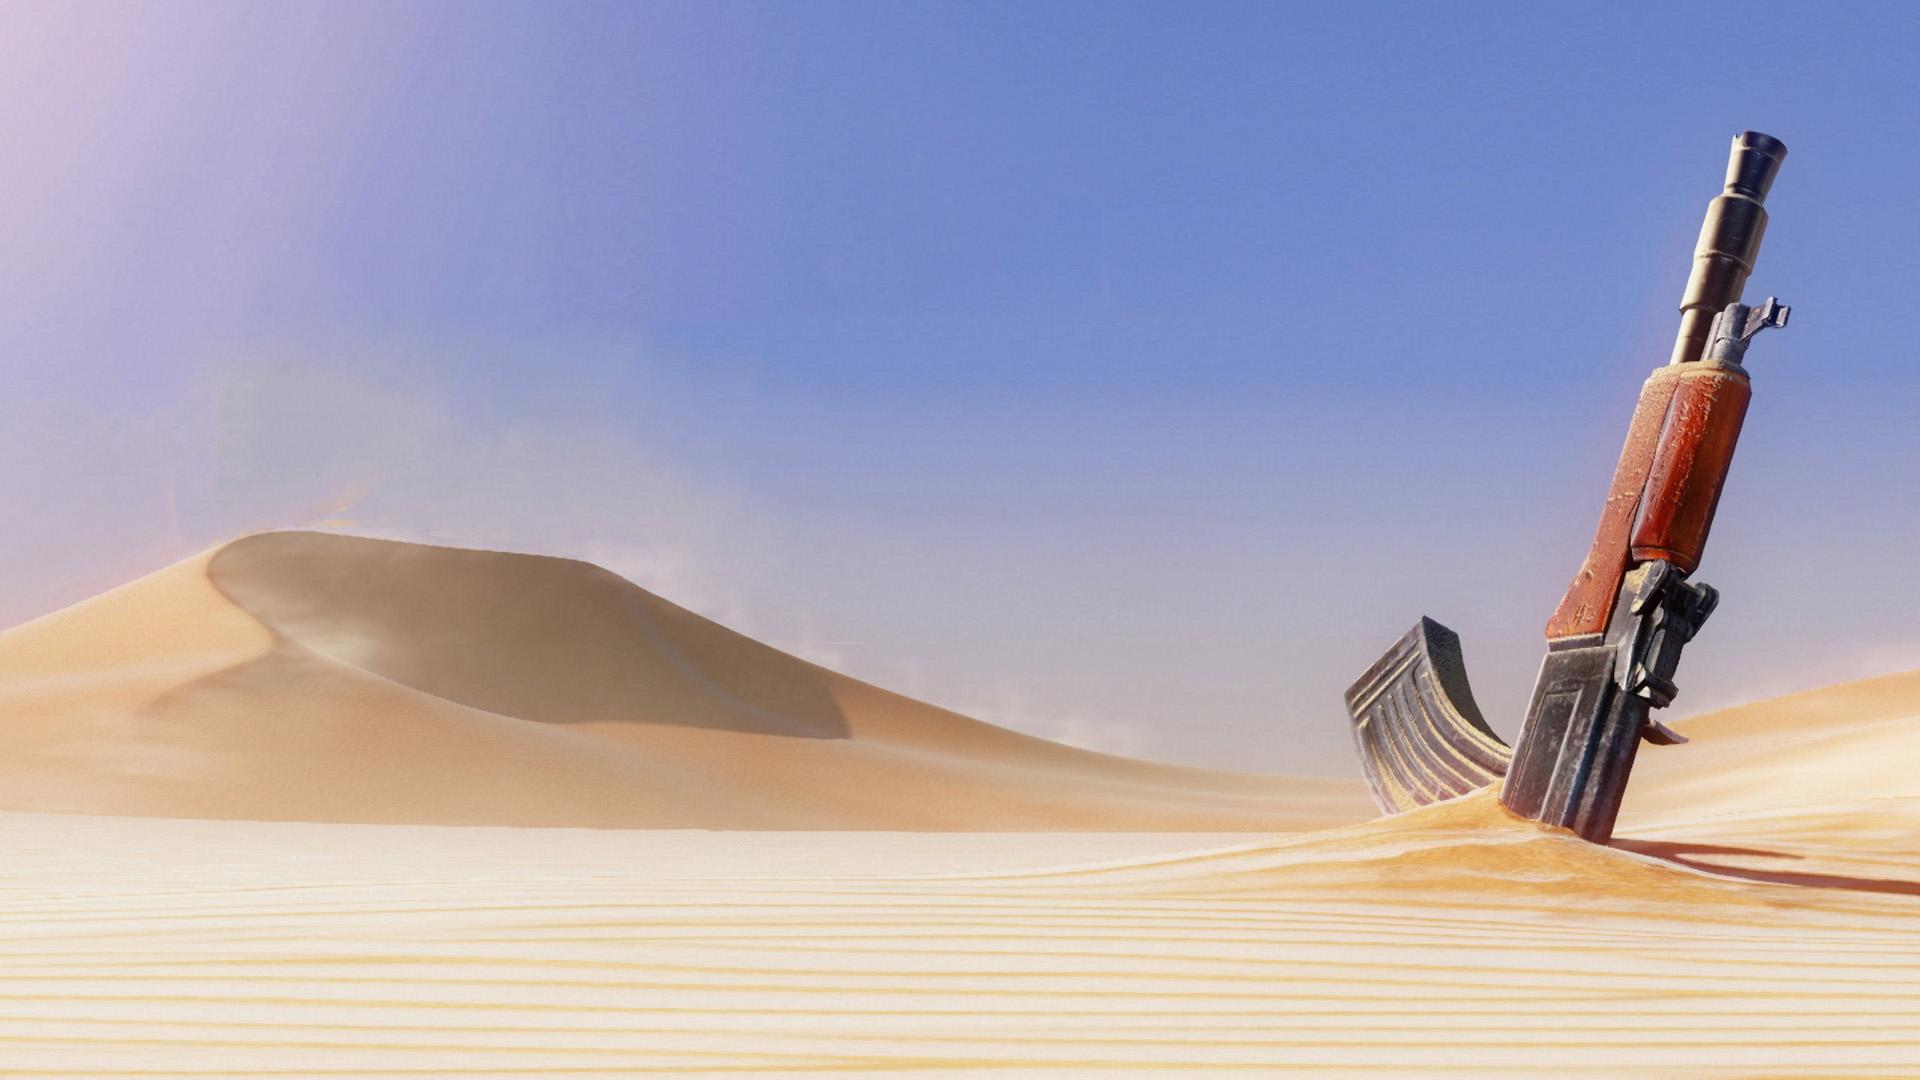 Uncharted3wall 1920x1080